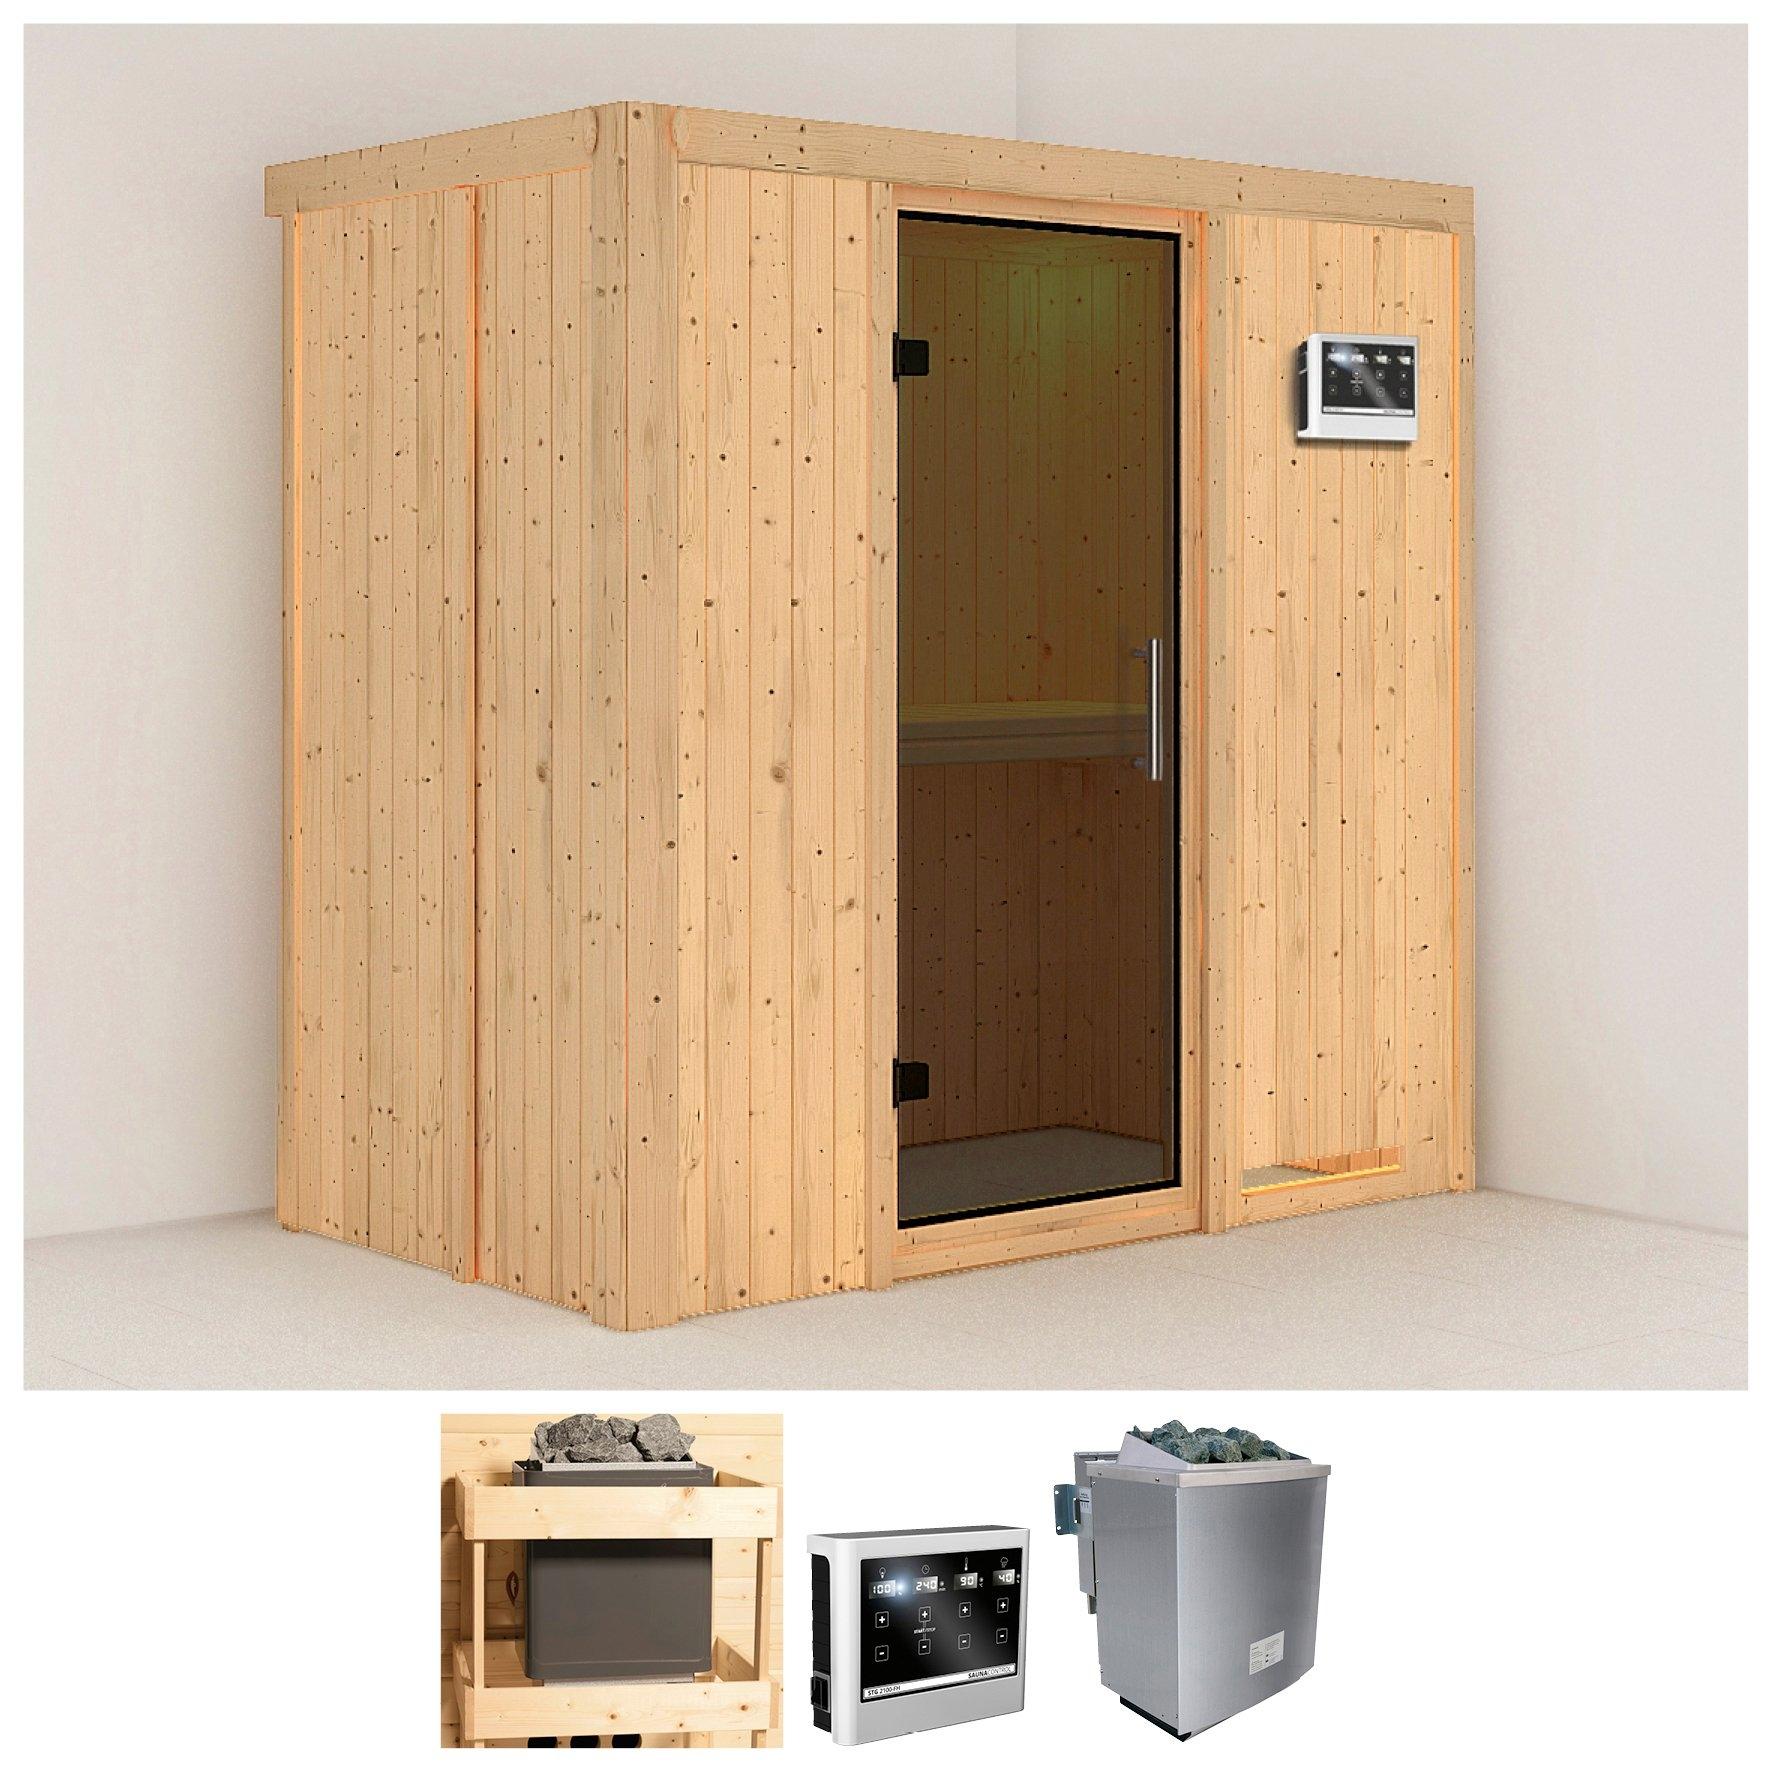 KONIFERA sauna »Variado«, 196/118/198 cm, 9-kW-Bio-Ofen mit ext. Strg., Glastür grafit nu online bestellen